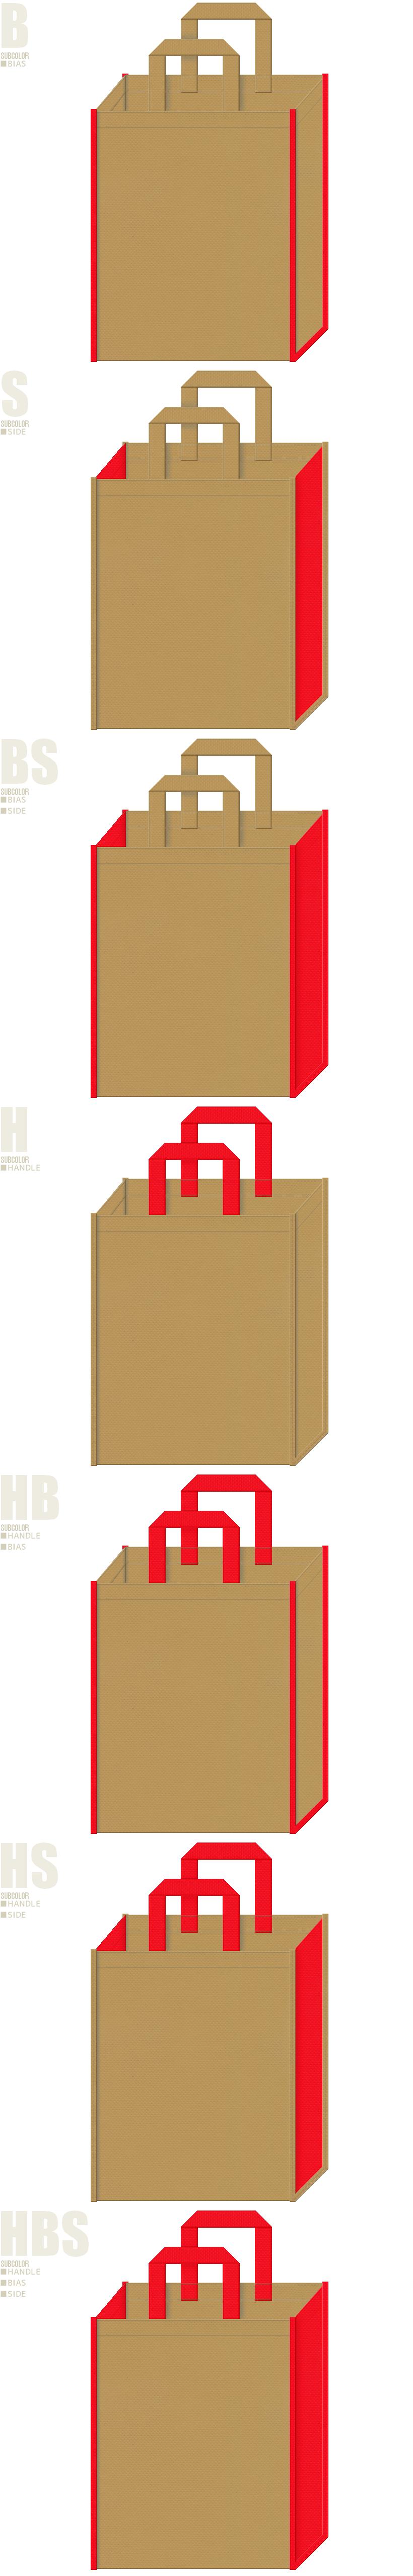 赤鬼・節分・大豆・一合枡・和風催事にお奨めの不織布バッグデザイン:マスタード色と赤色の配色7パターン